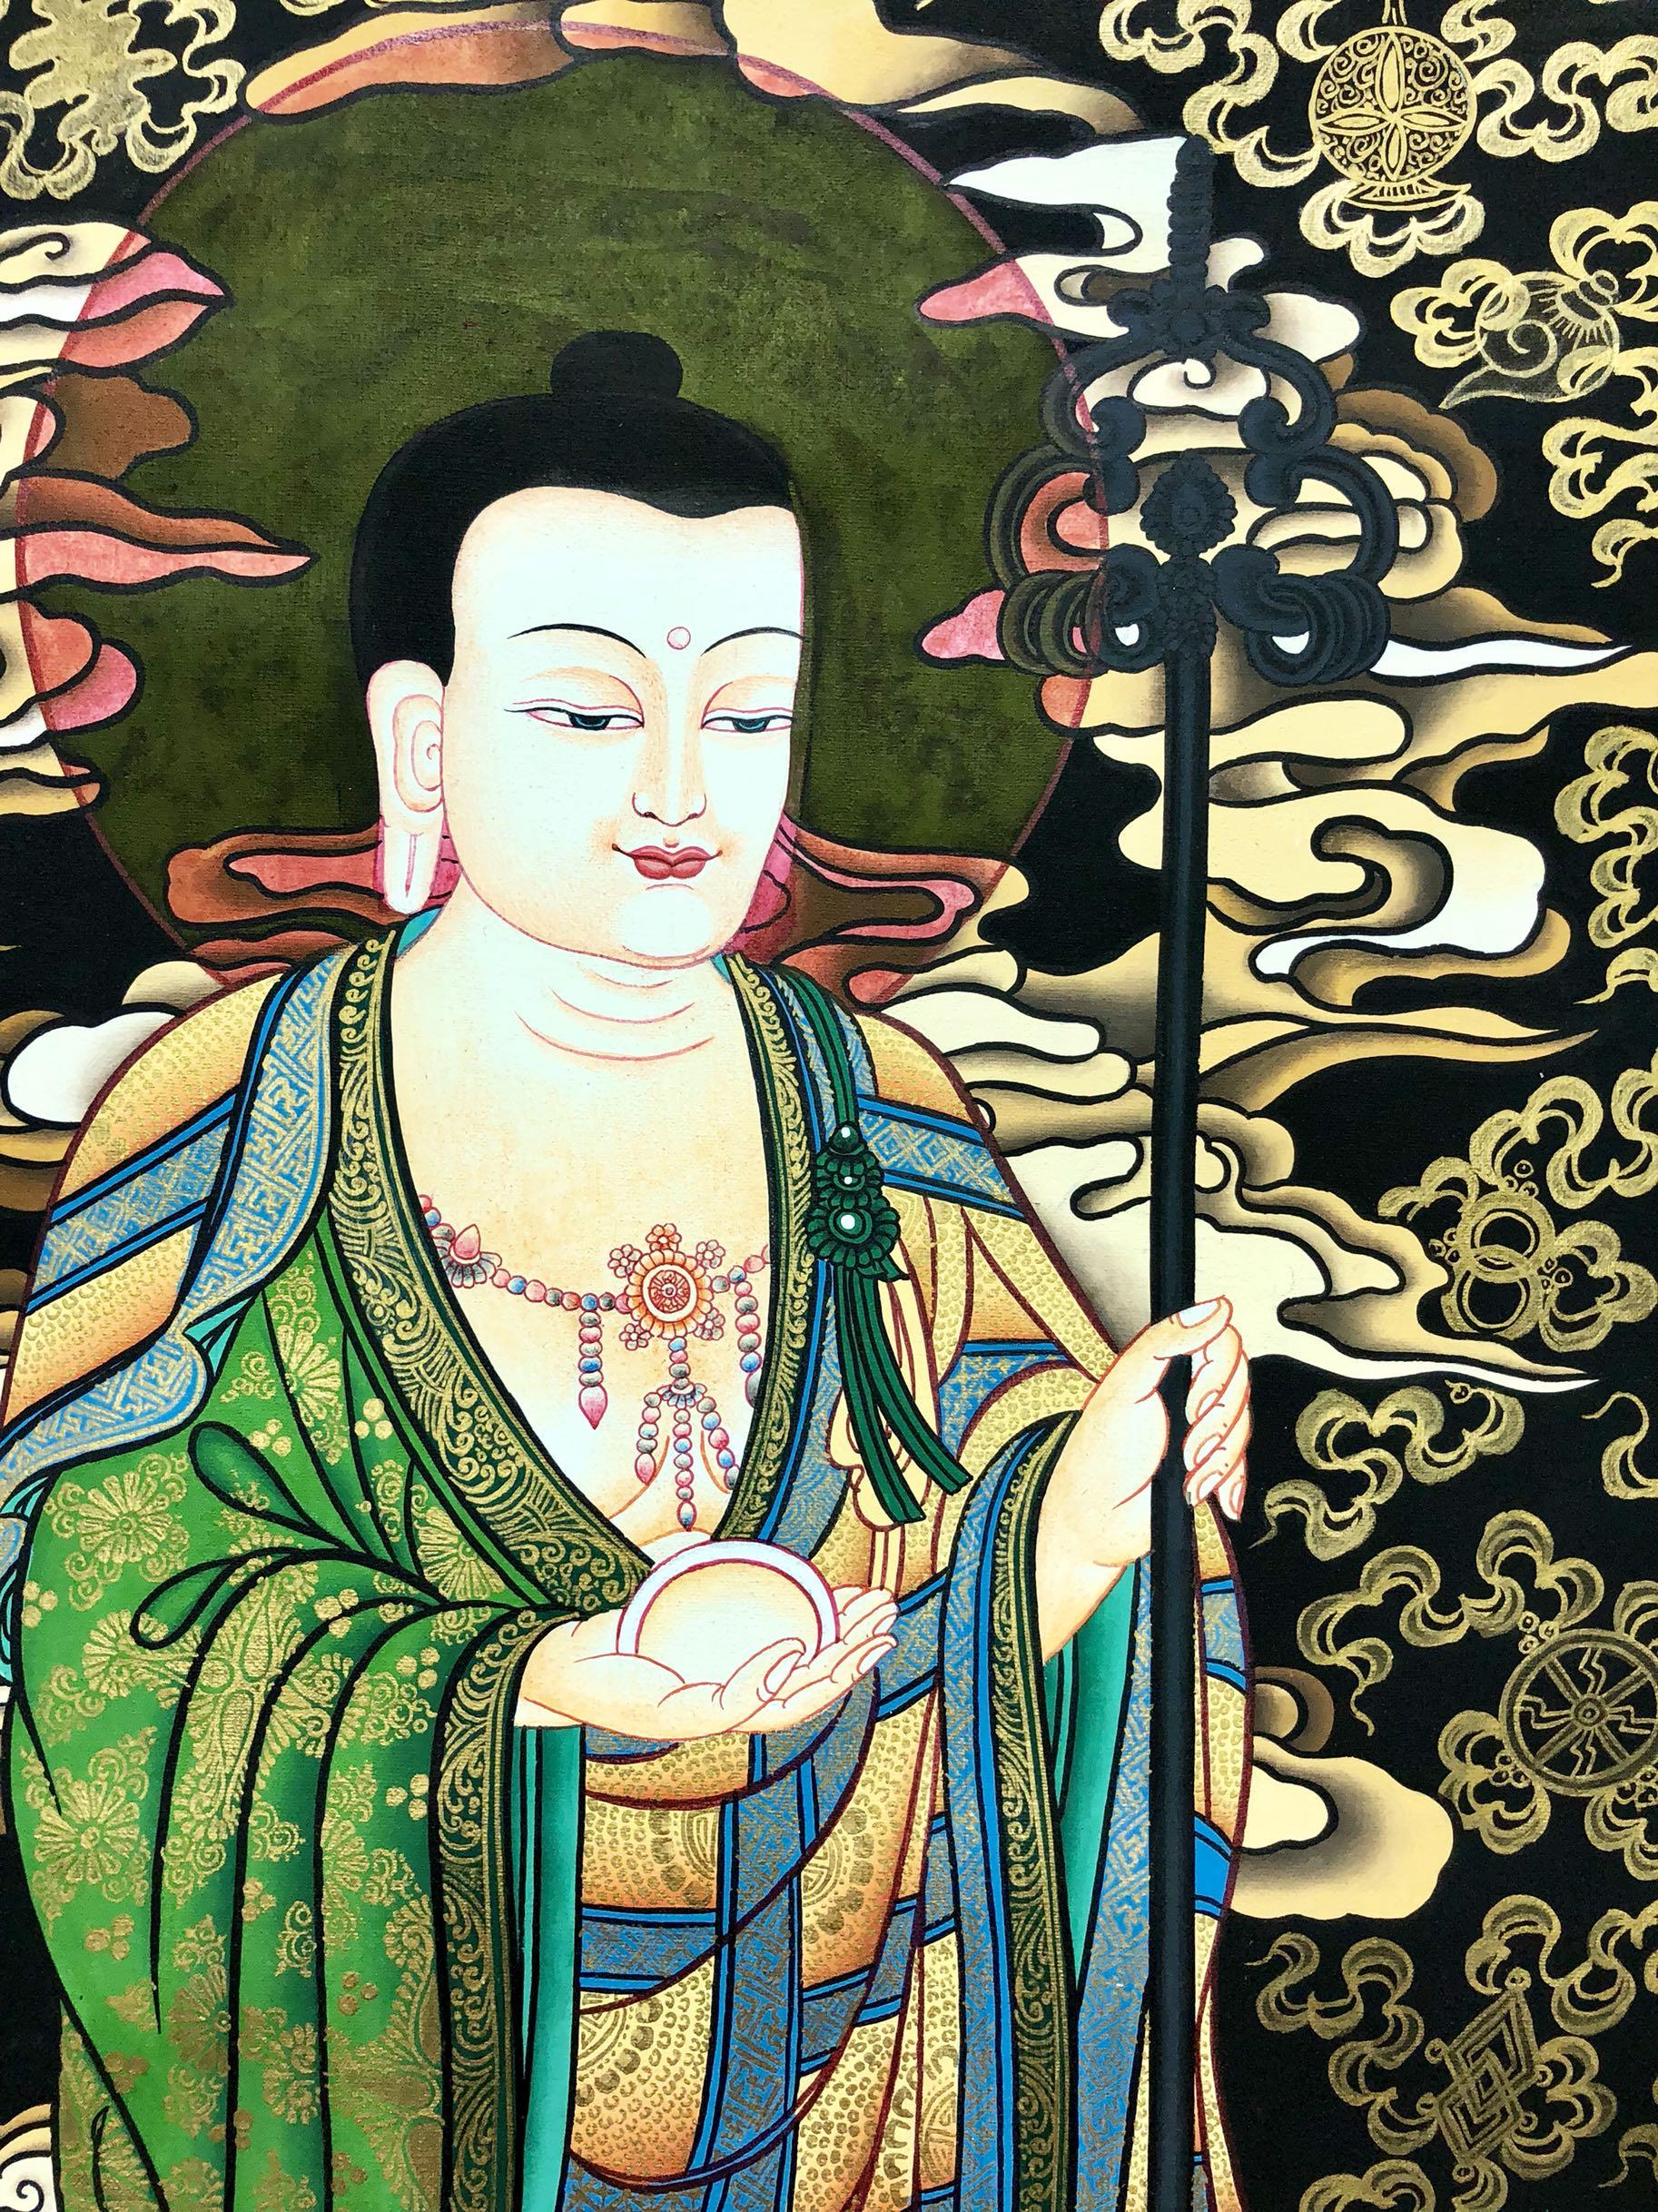 欢喜唐卡西藏热贡尼泊尔唐卡地藏王菩萨四大菩萨特色手工艺作品